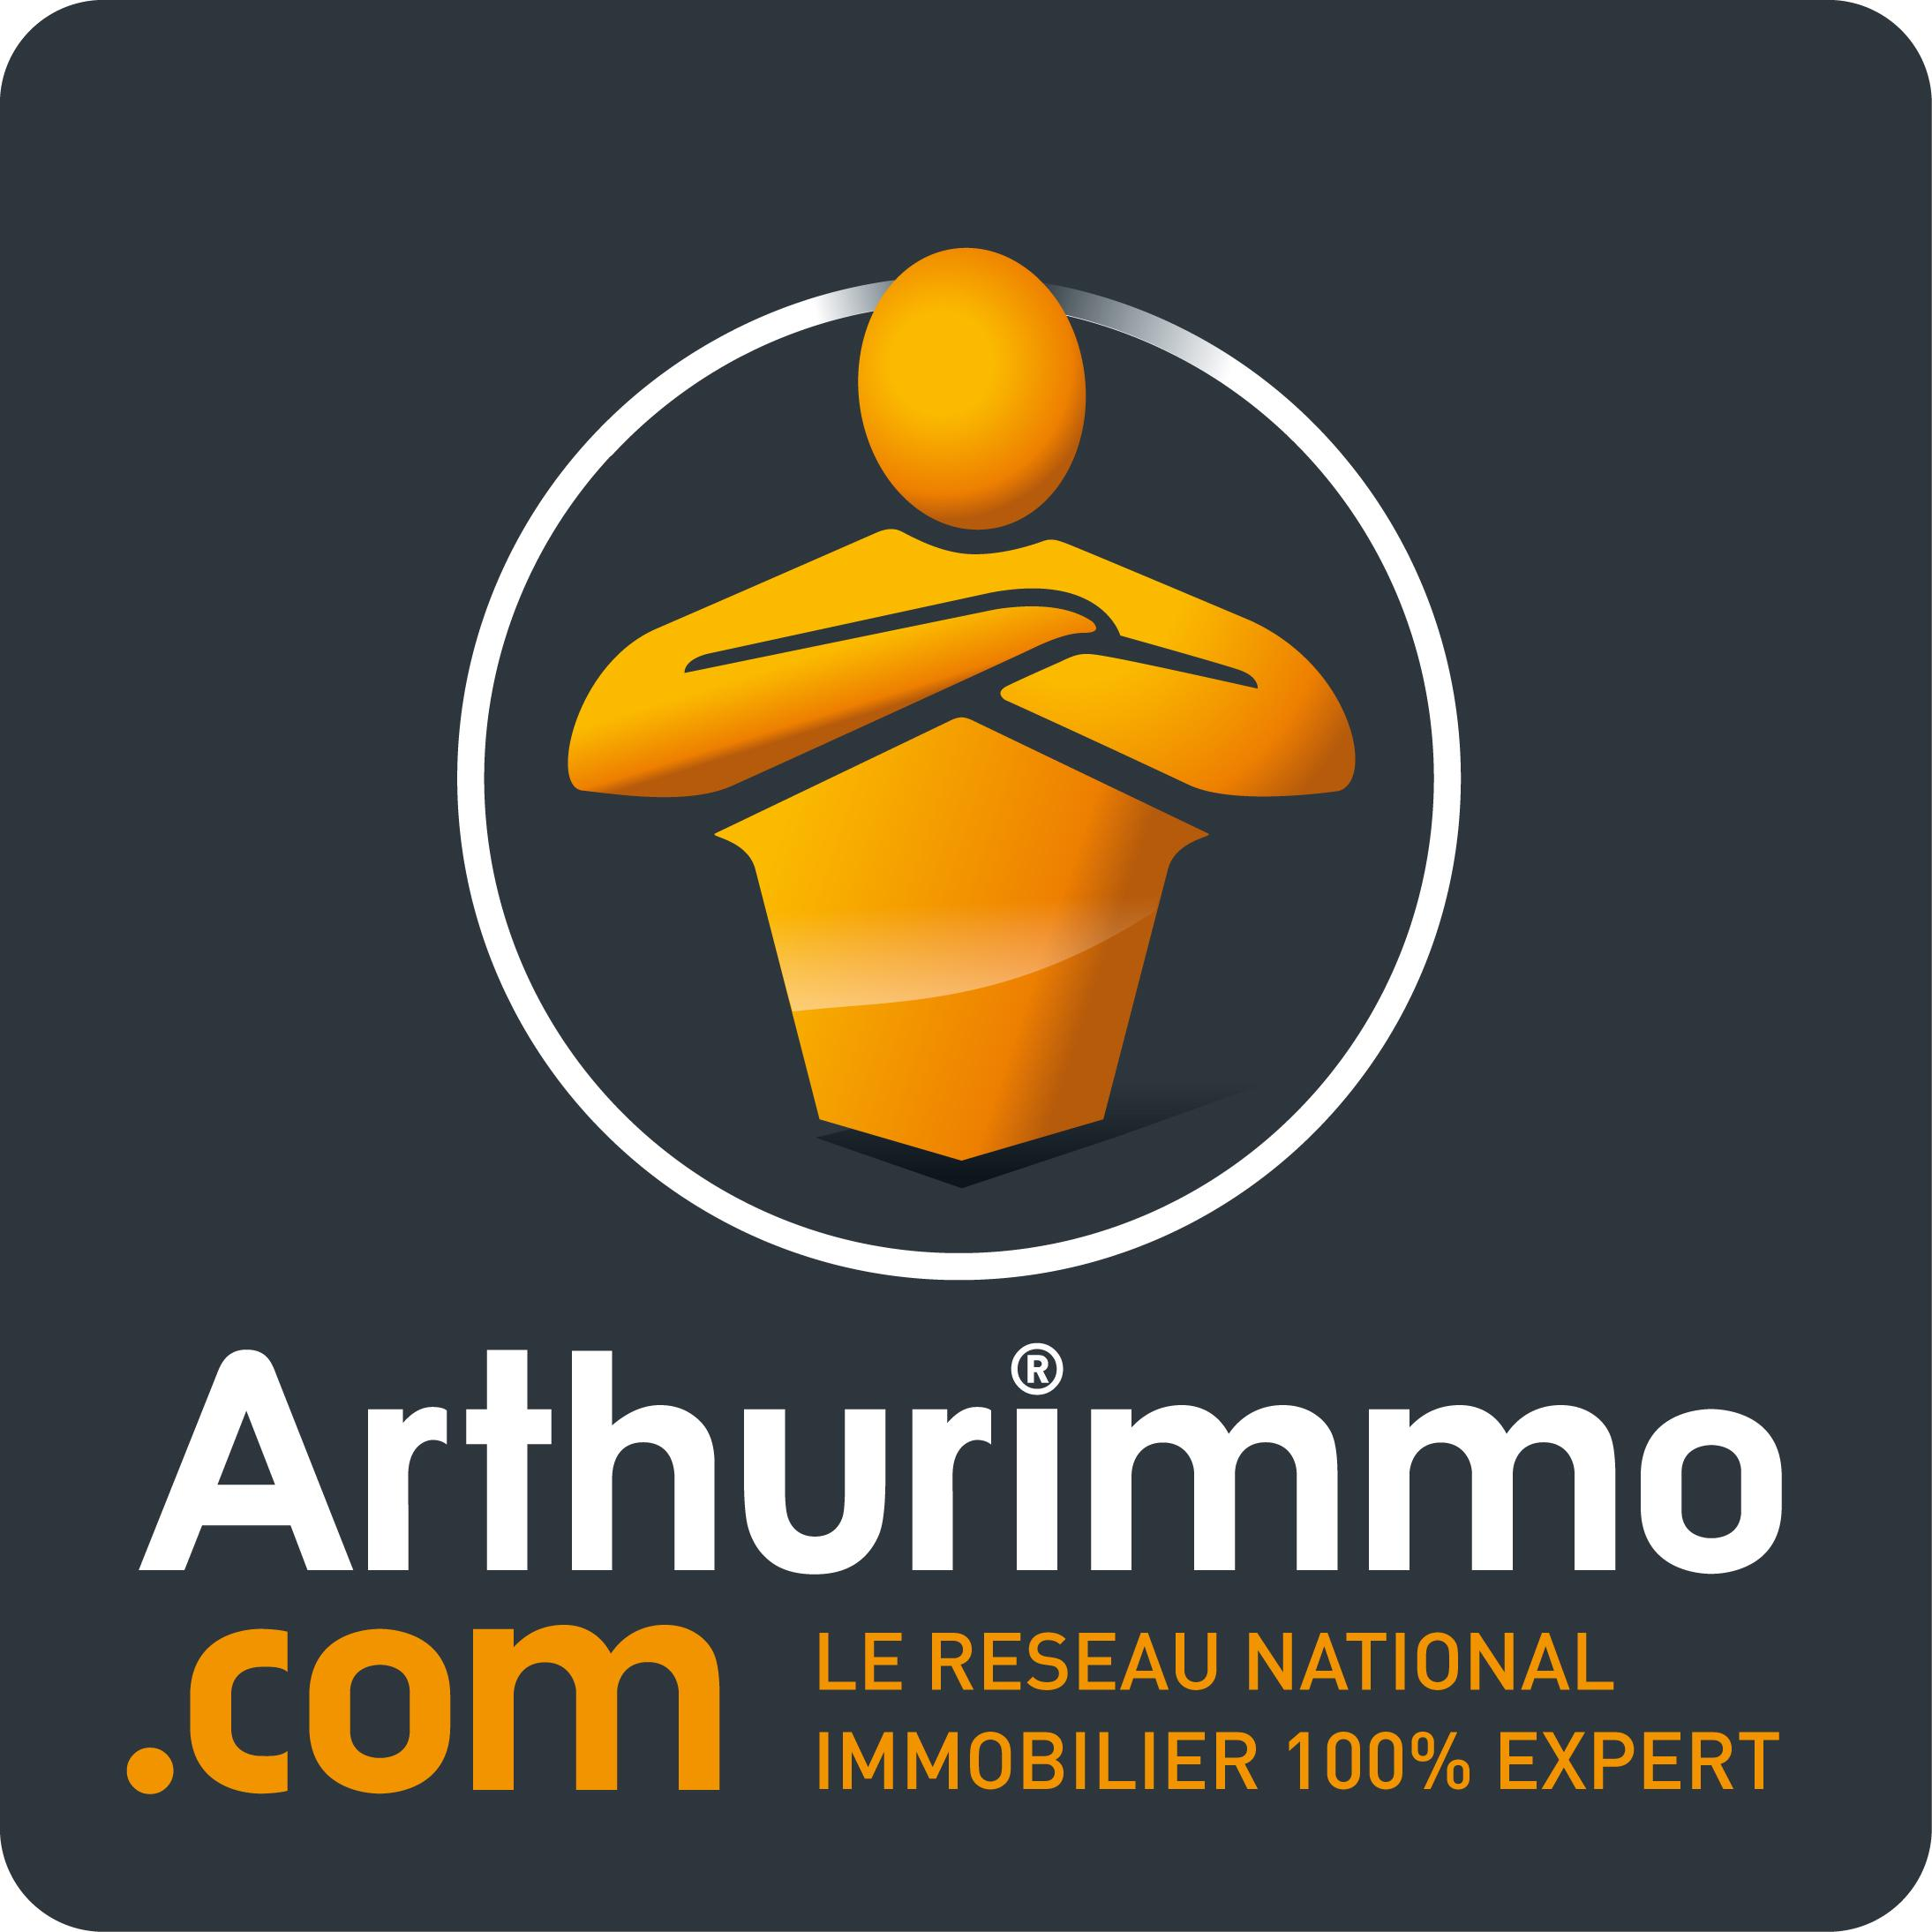 Arthurimmo.com Coutras agence immobilière Coutras (33230)